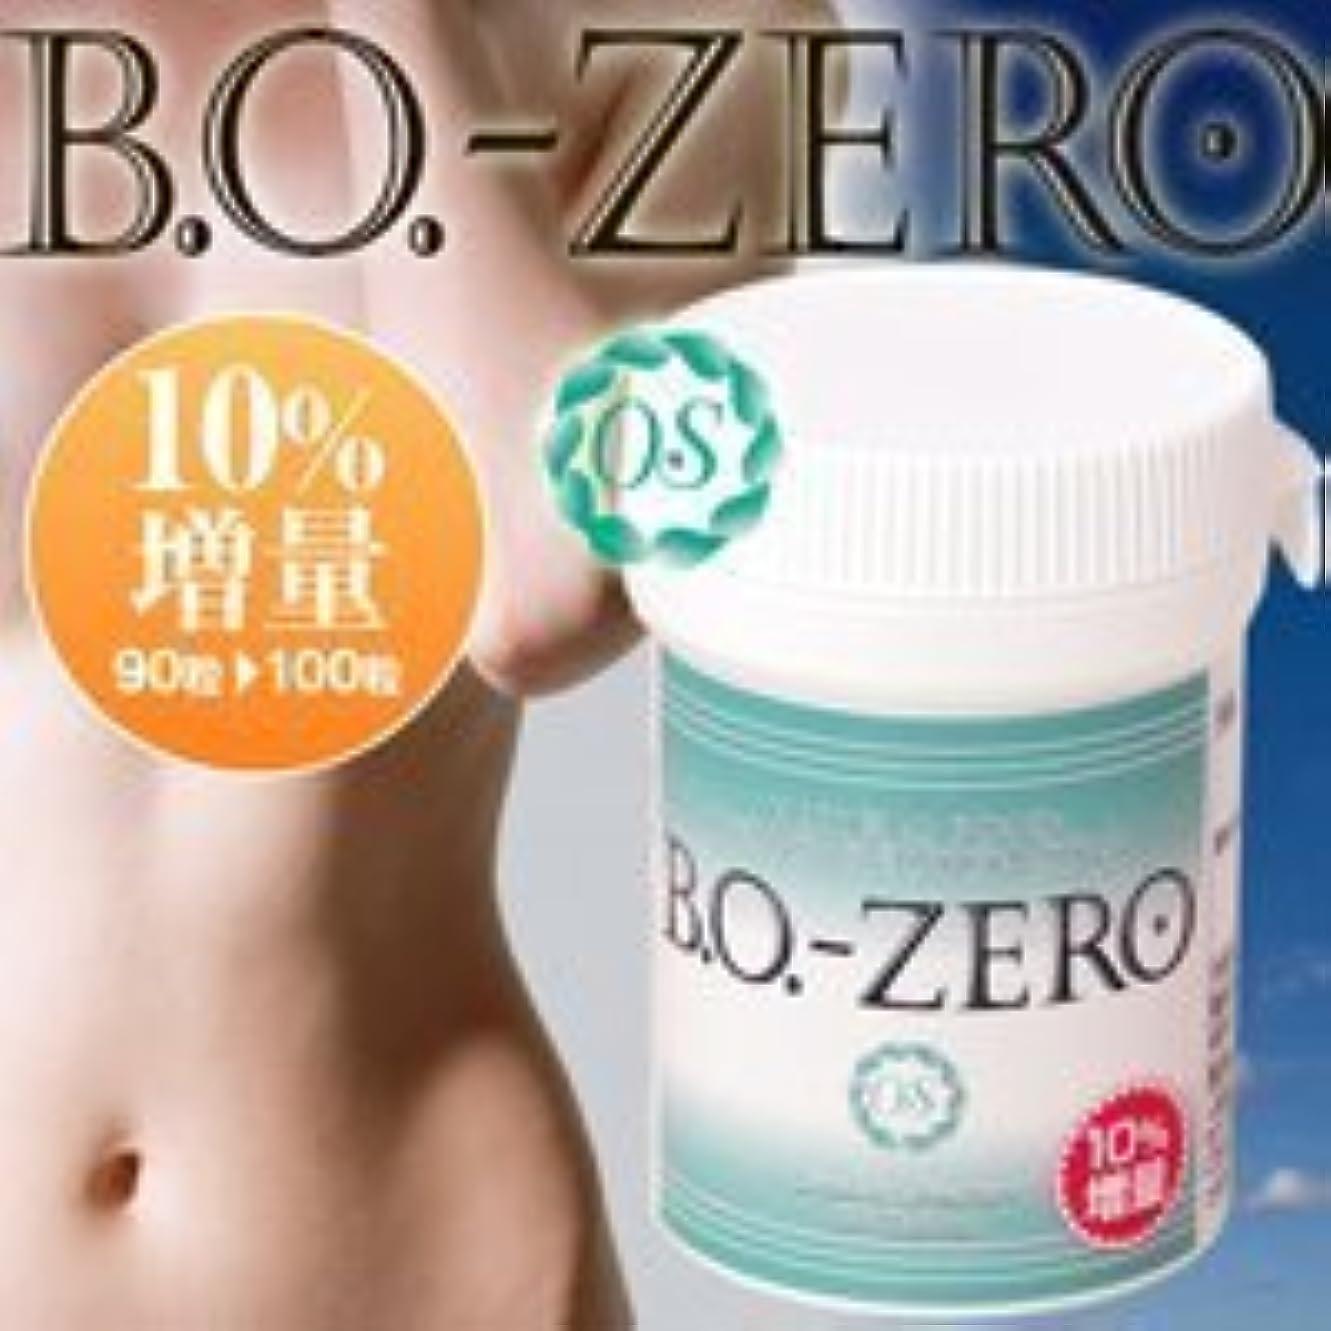 傾いた投票依存BO ZERO (ビーオー ゼロ) 10%増量×2個セット?  体臭 口臭 汗臭 ワキガ などの対策に